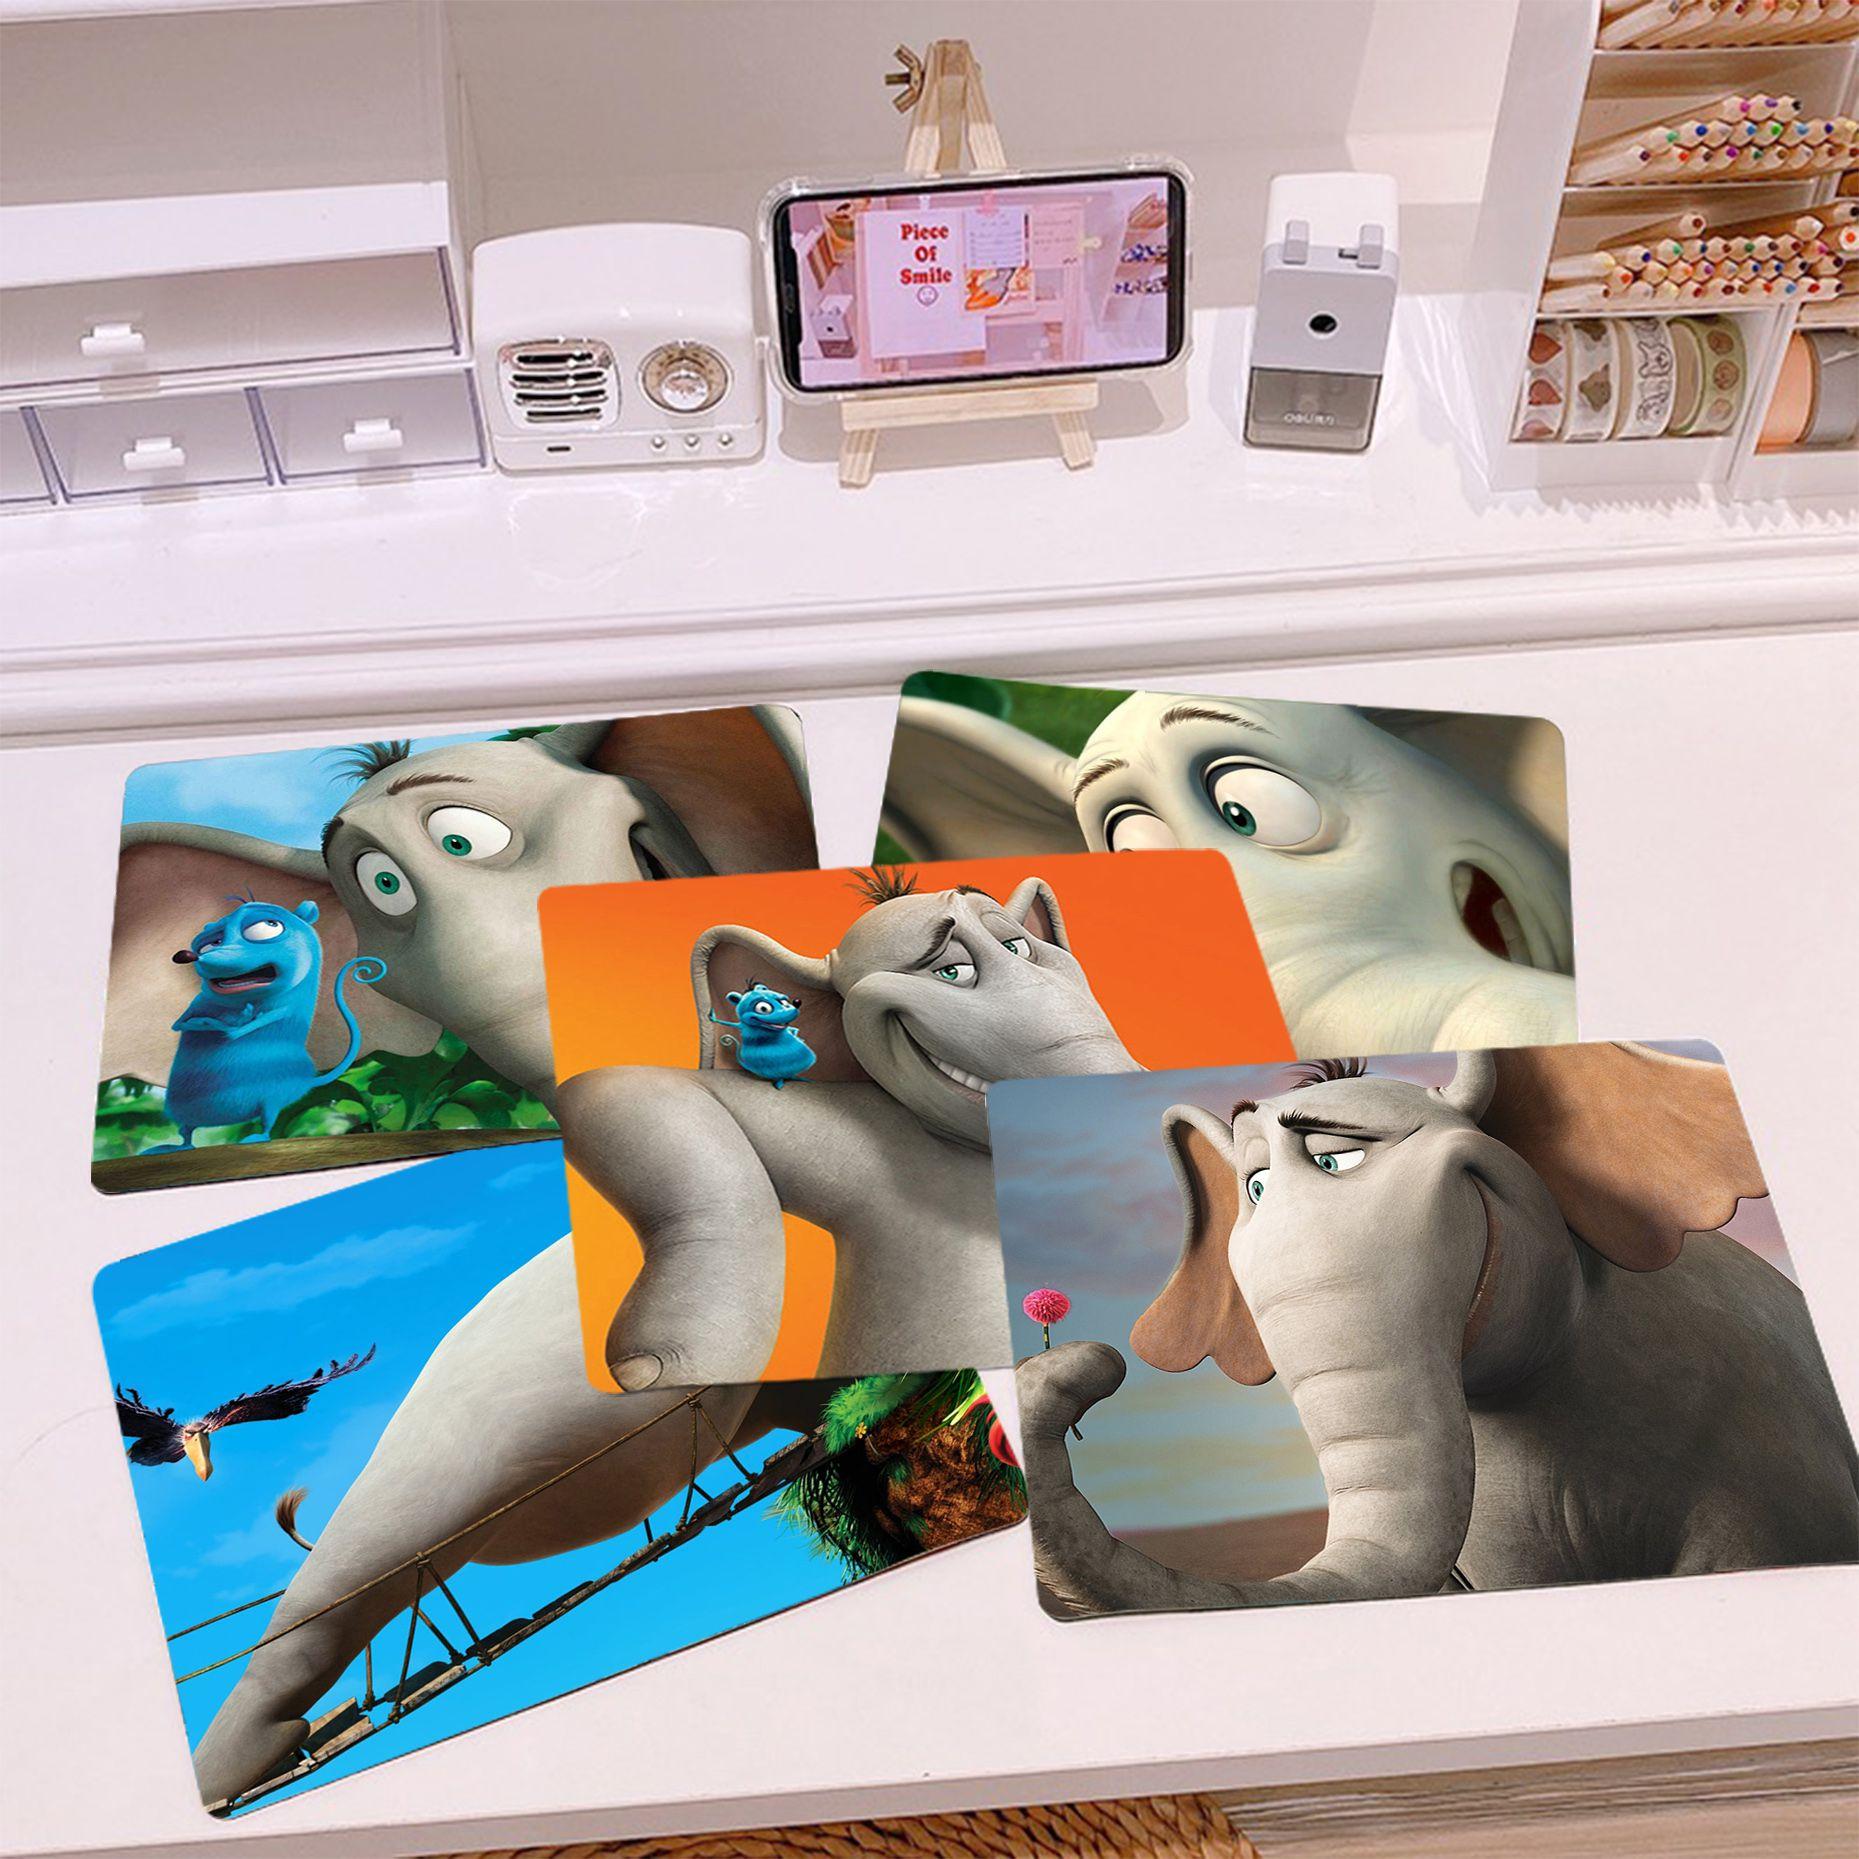 Новое поступление, Disney Horton слышит кто! Высокоскоростной Новый Коврик для мыши Horton, гладкий коврик для письма, настольные компьютеры, коврик ...